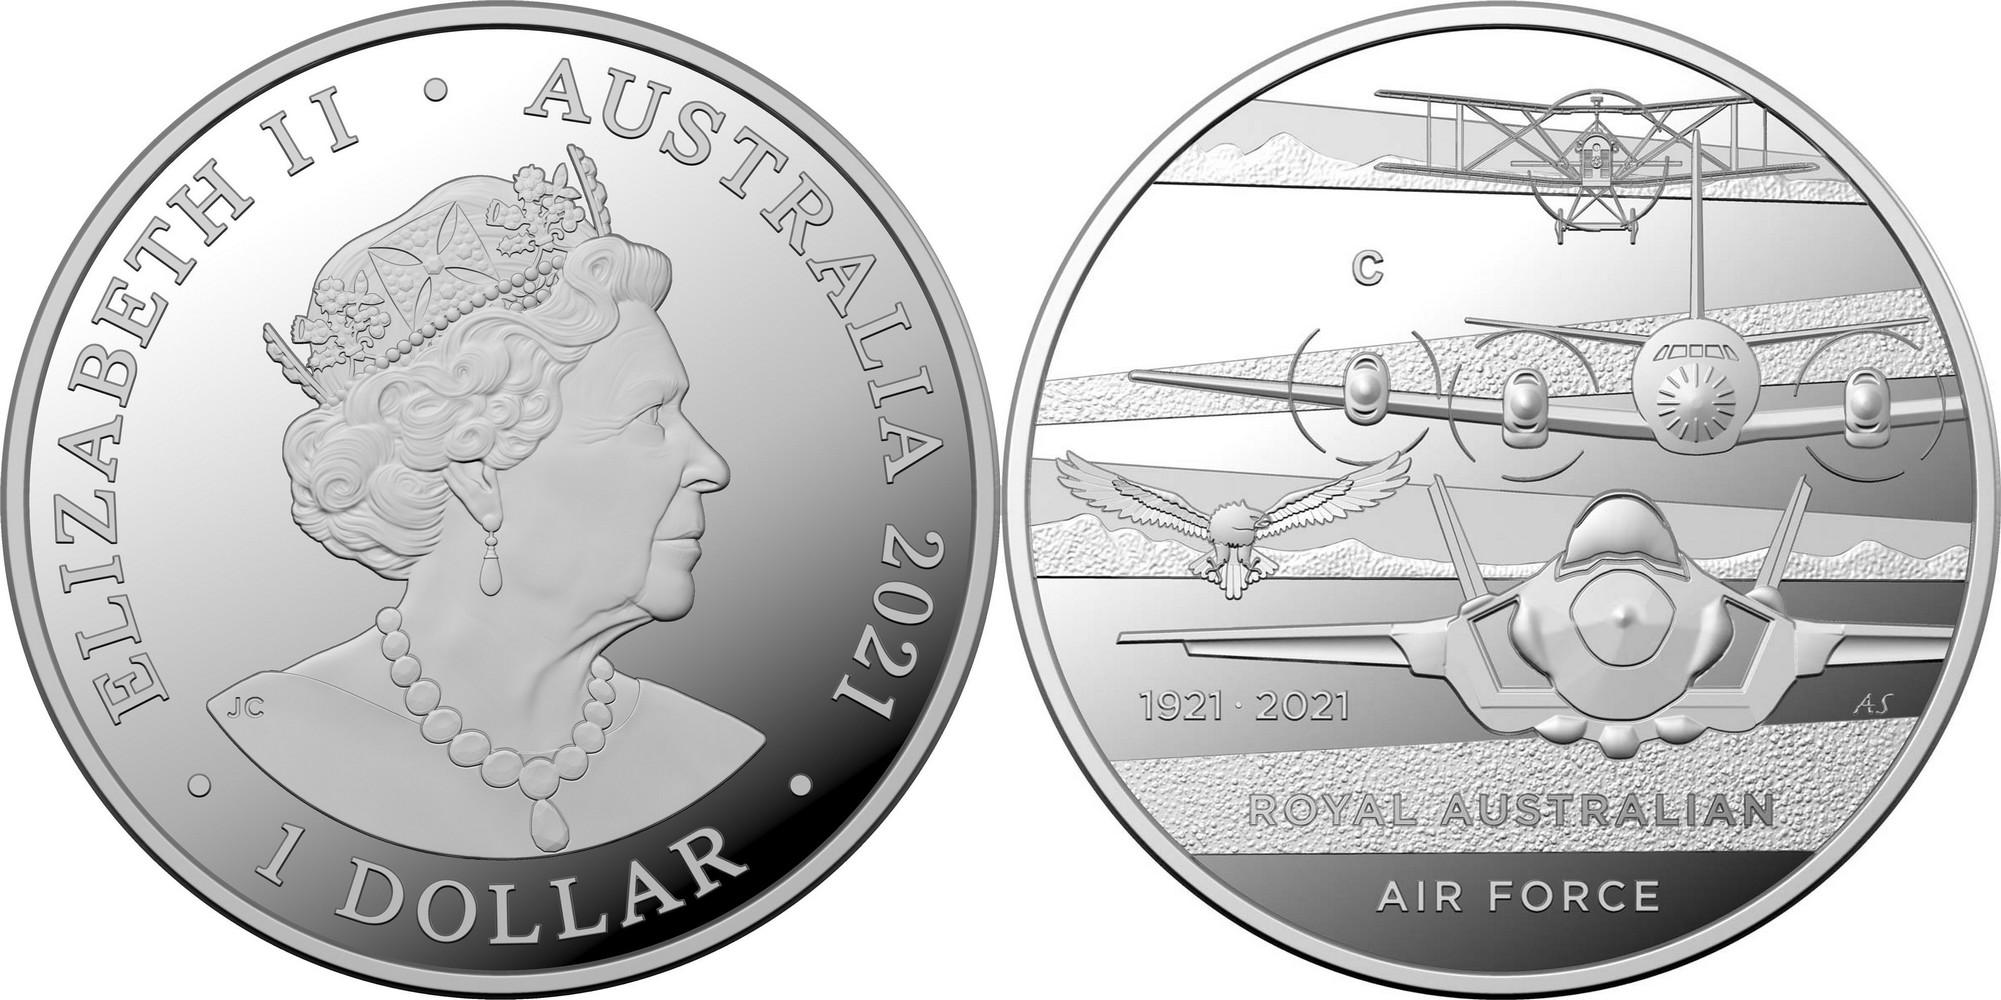 australie-2021-centenaire-de-la-raaf